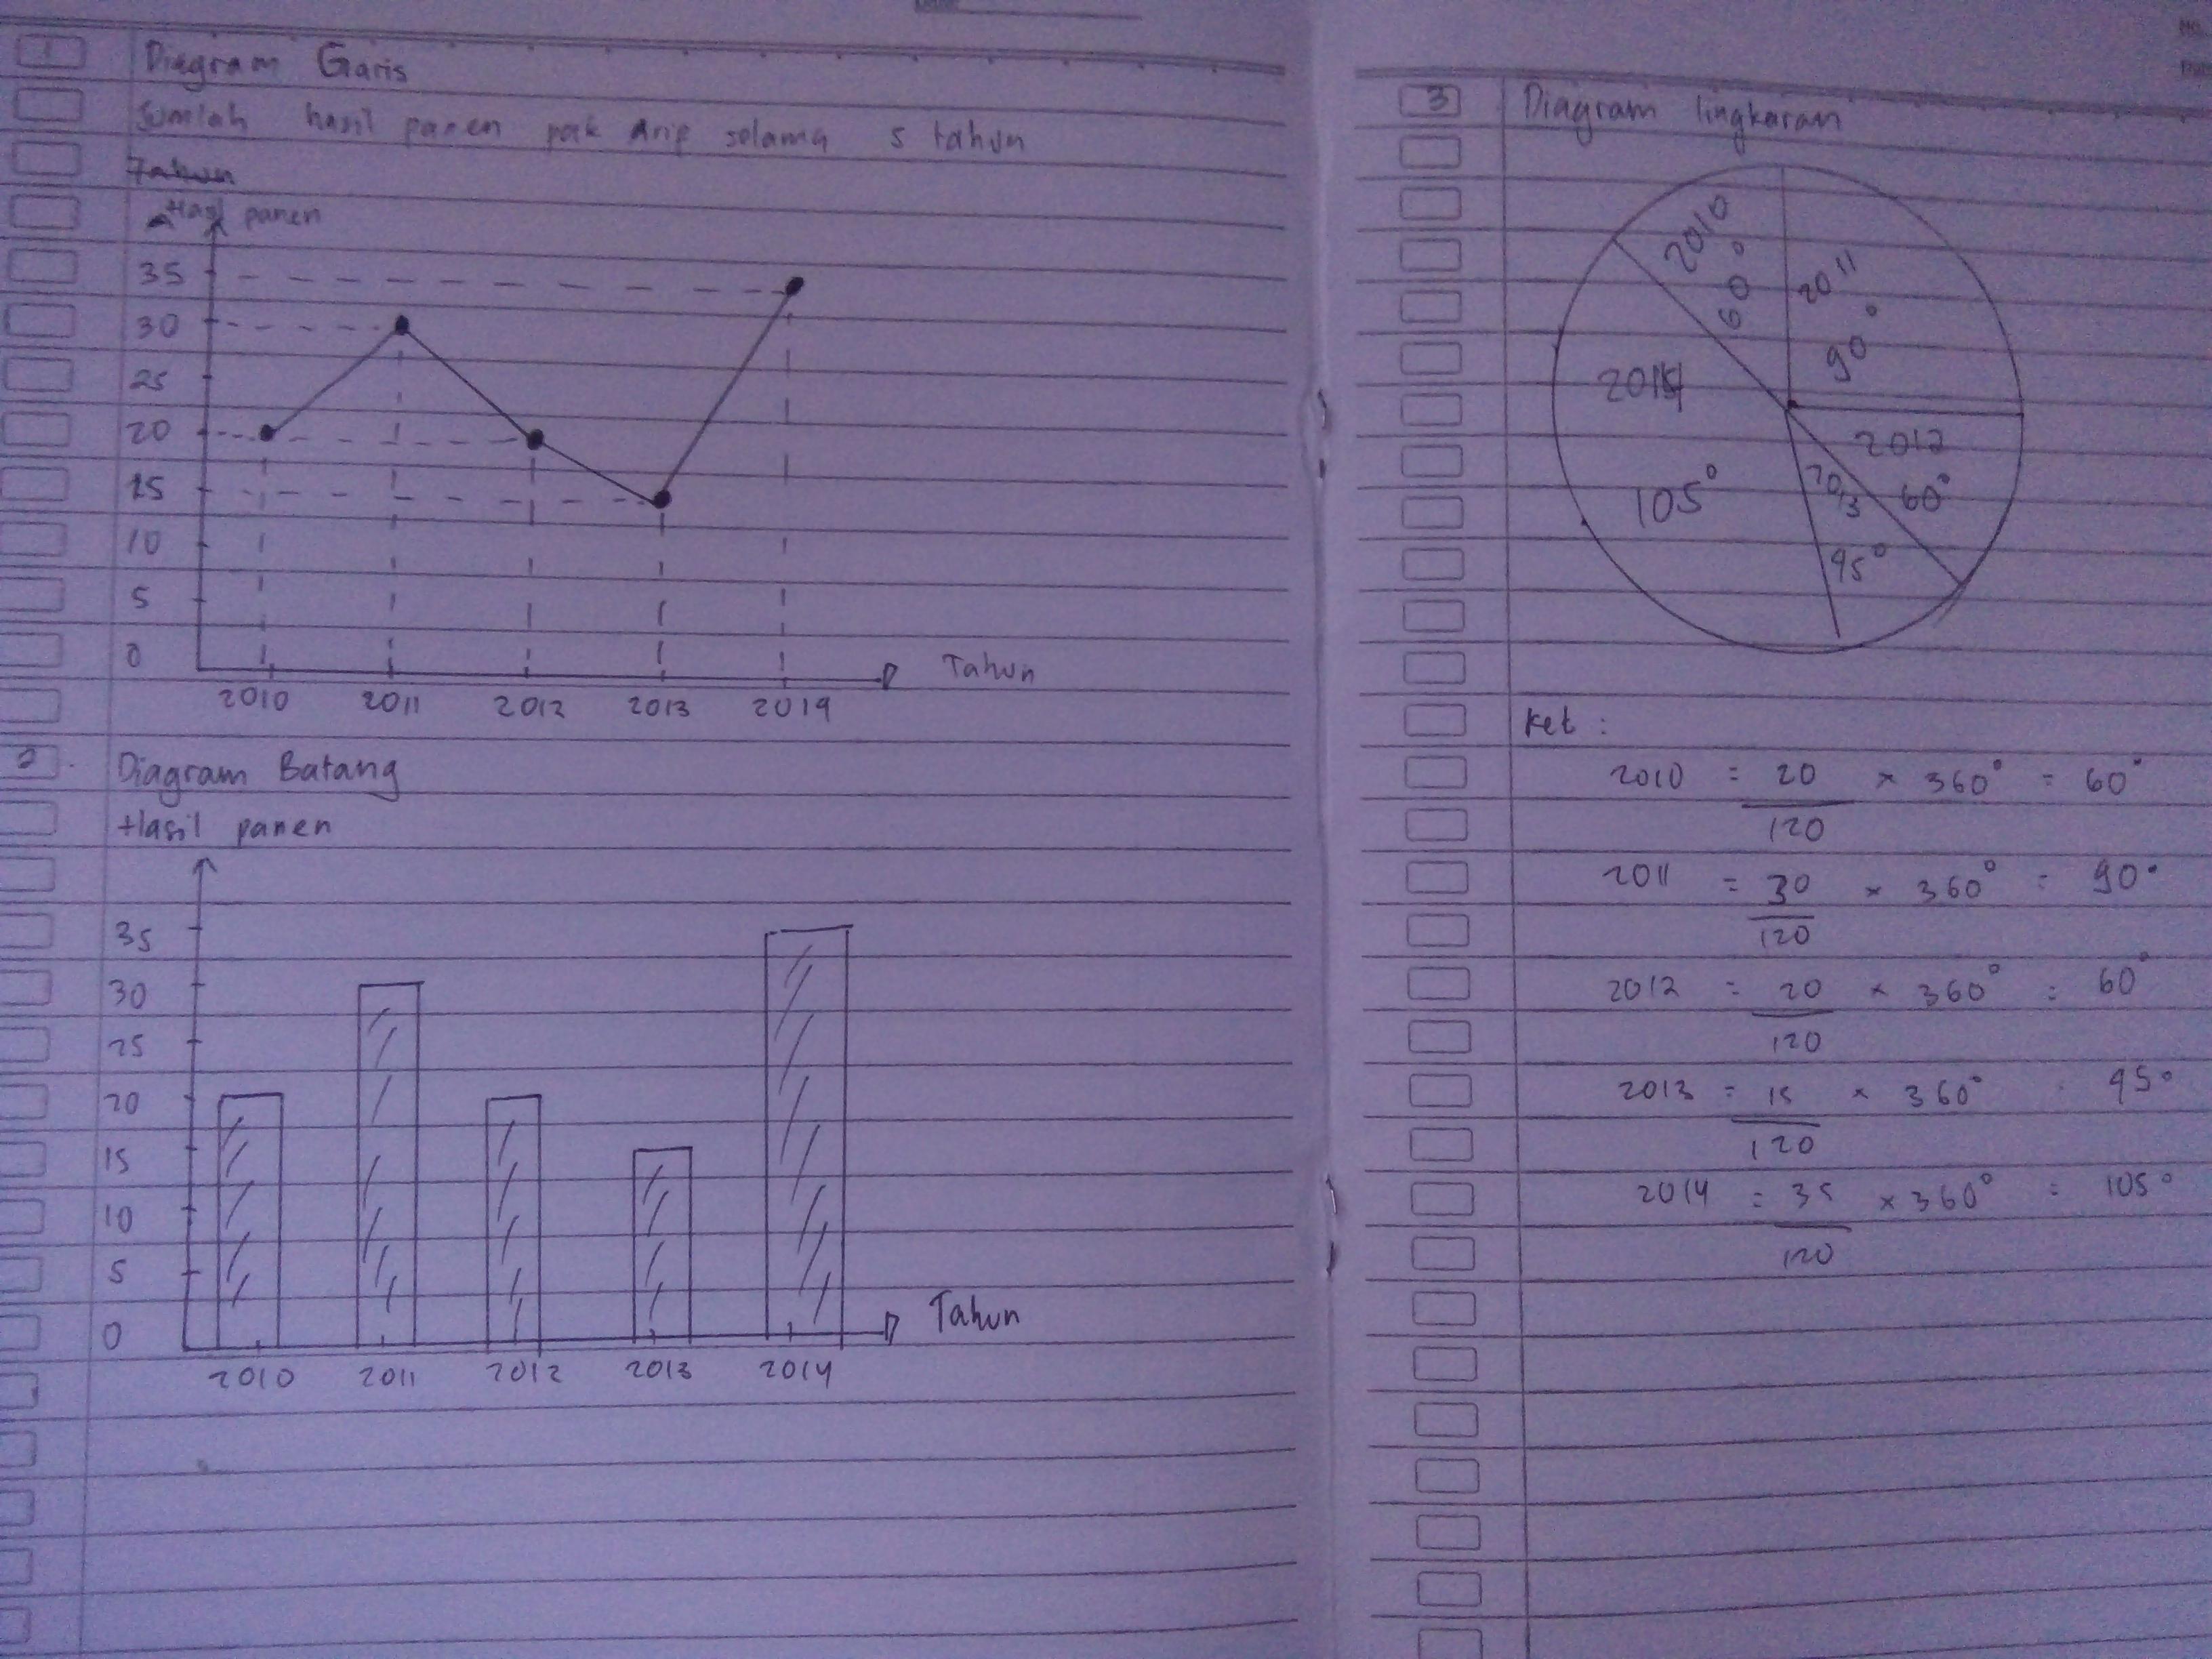 Diagram Batang Ceo Wiring Diagram